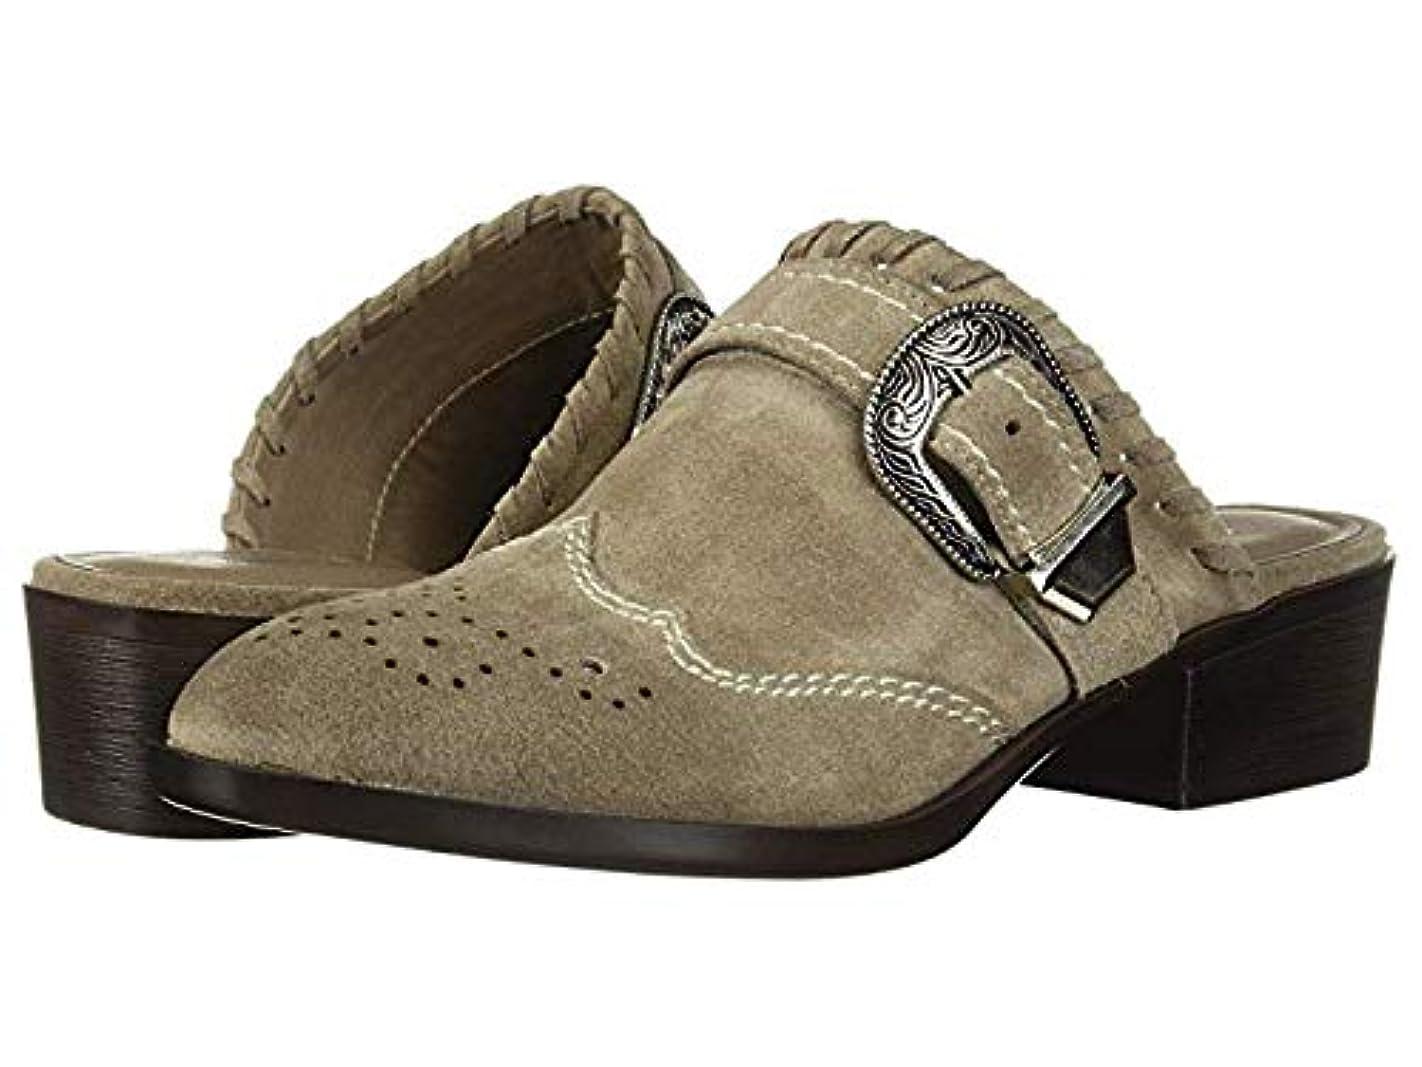 ご覧ください診断するデザイナーレディースローファー?靴 Waltz Split Suede Heather Grey (23.5cm) B - Medium [並行輸入品]